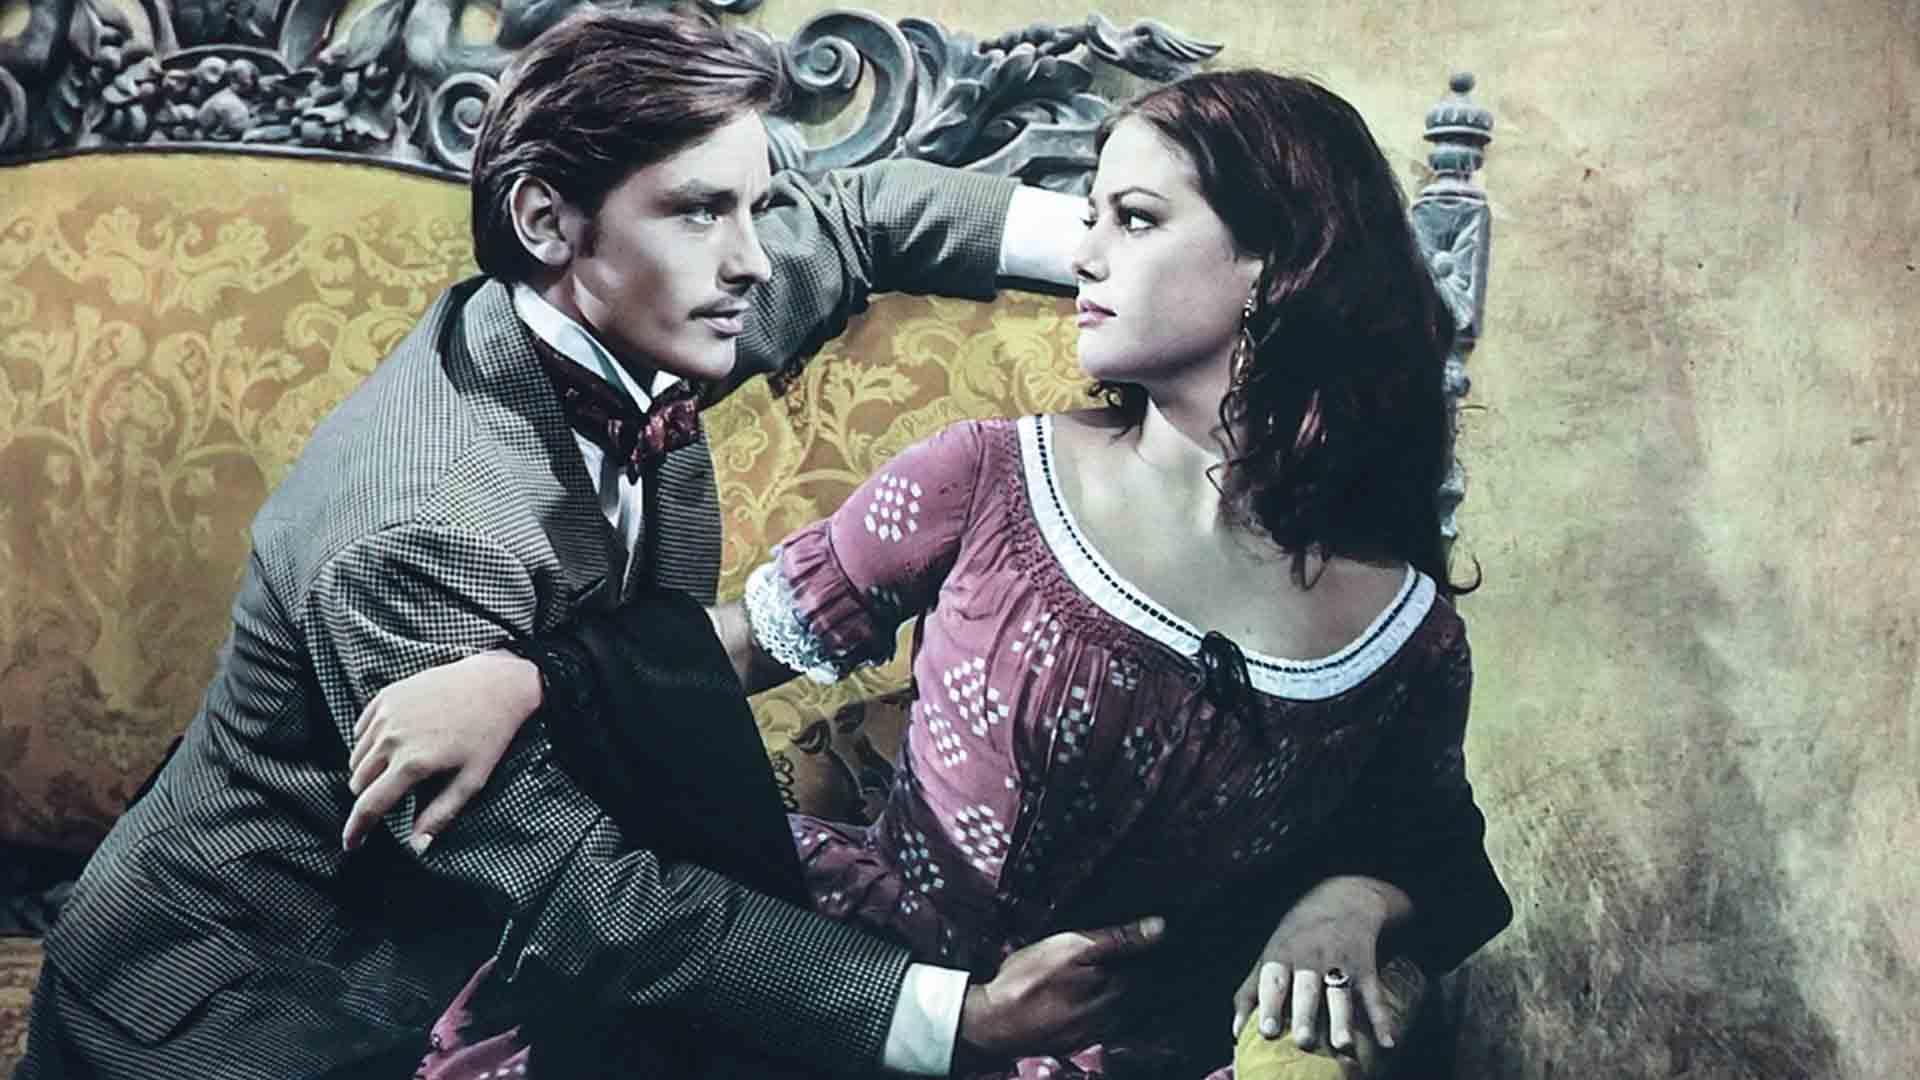 Le interpretazioni di Alain Delon, Claudia Cardinale e Burt Lancaster nel film di Visconti hanno fatto la storia del cinema